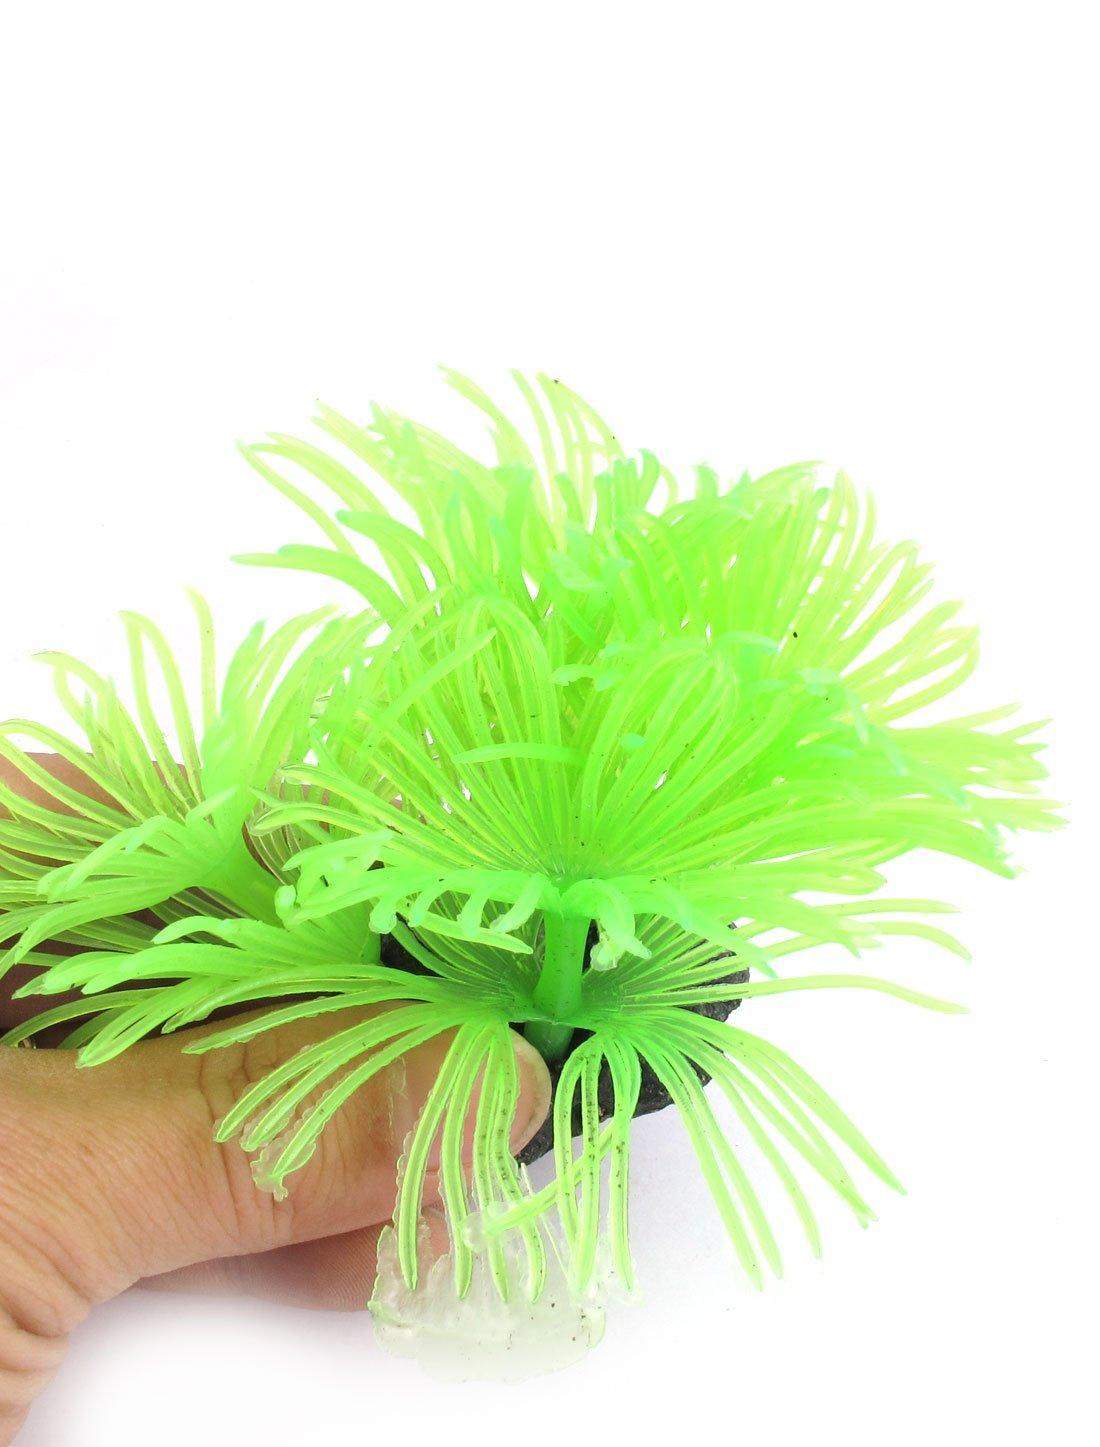 Amazon.com : eDealMax Forma acuario Artificial Flor de la Flor del ornamento Coral 7.5 pulgadas 2pcs : Pet Supplies